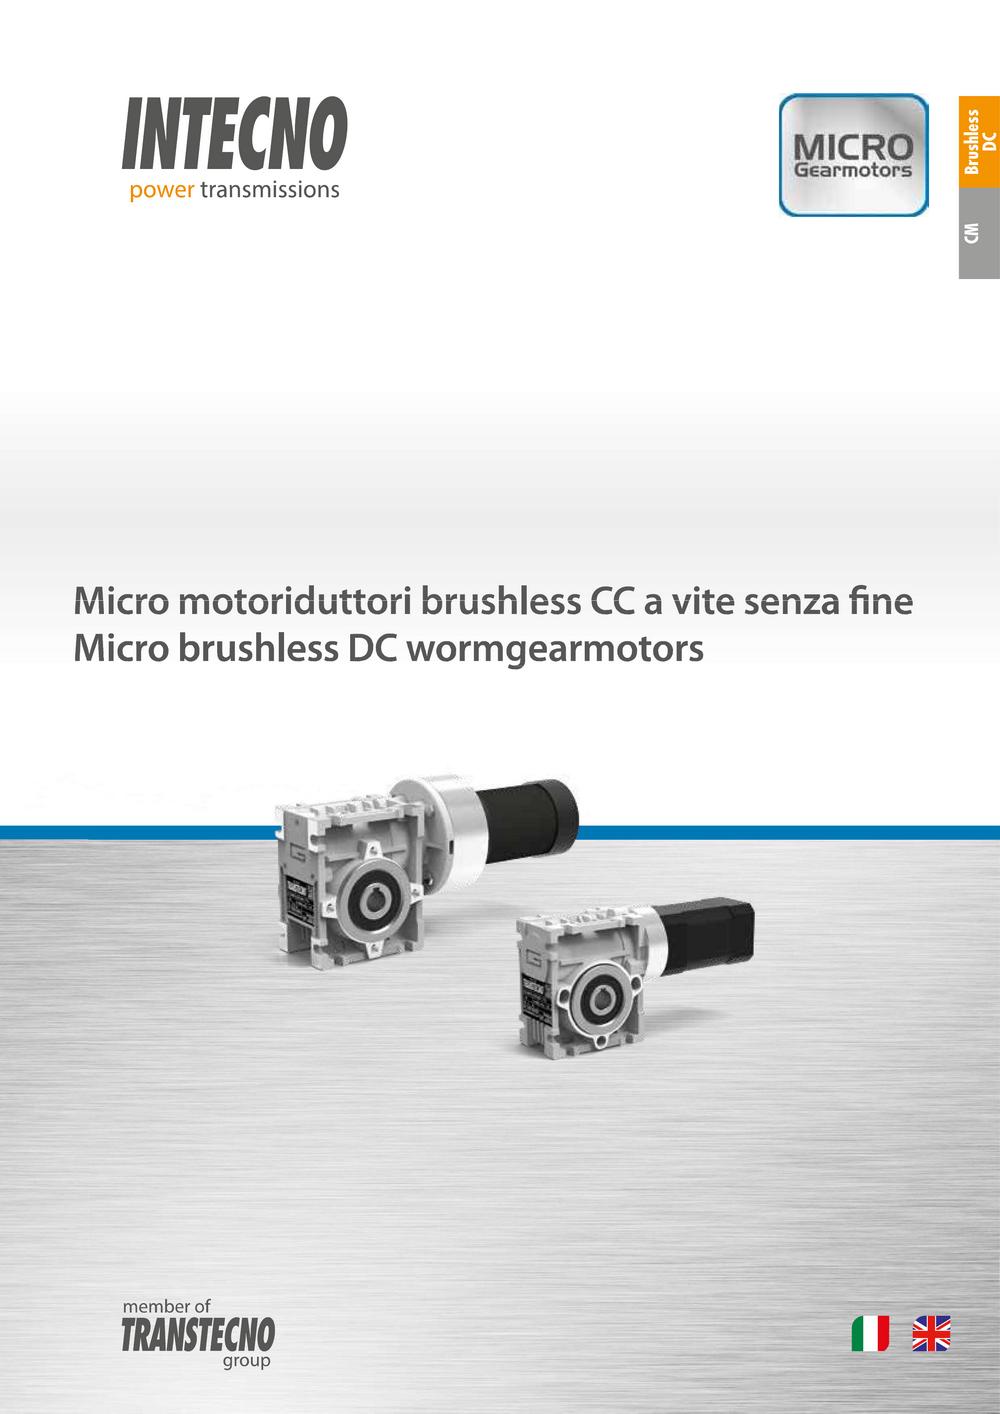 Червячные мотор-редукторы с двигателями постоянного тока BLCM Intecno